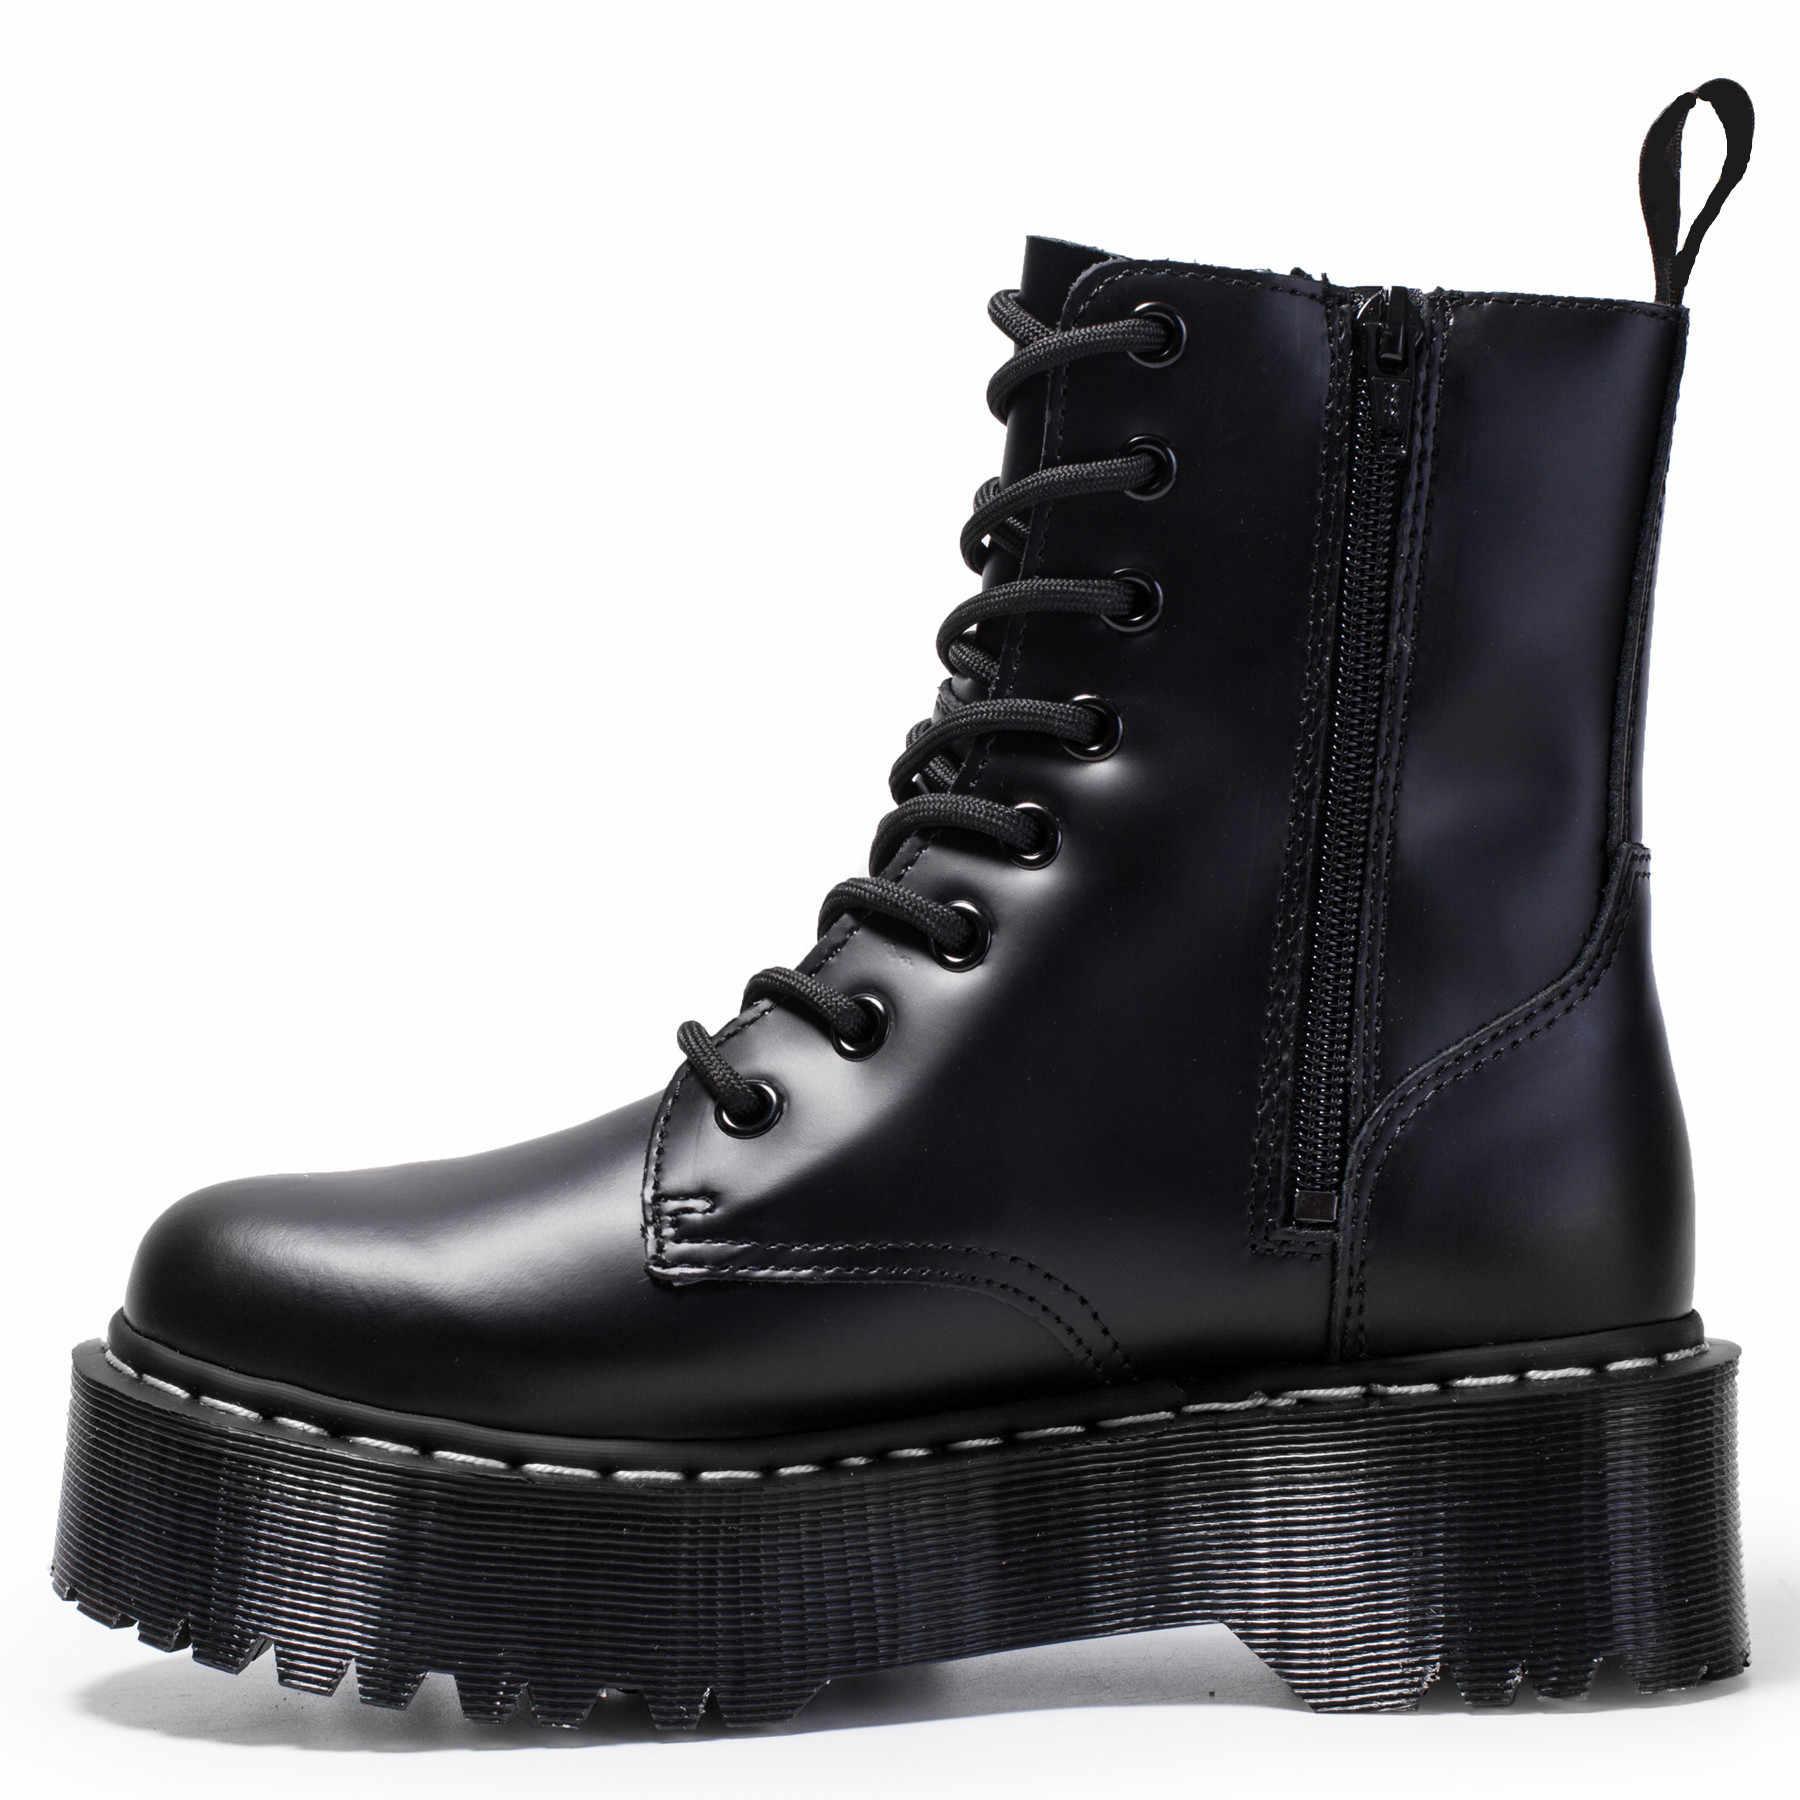 Size34-41 Chun Xe Máy Cho Nữ Thu Đông 2019 Thời Trang Giày Mũi Tròn Cột Dây Chiến Đấu Giày Nữ